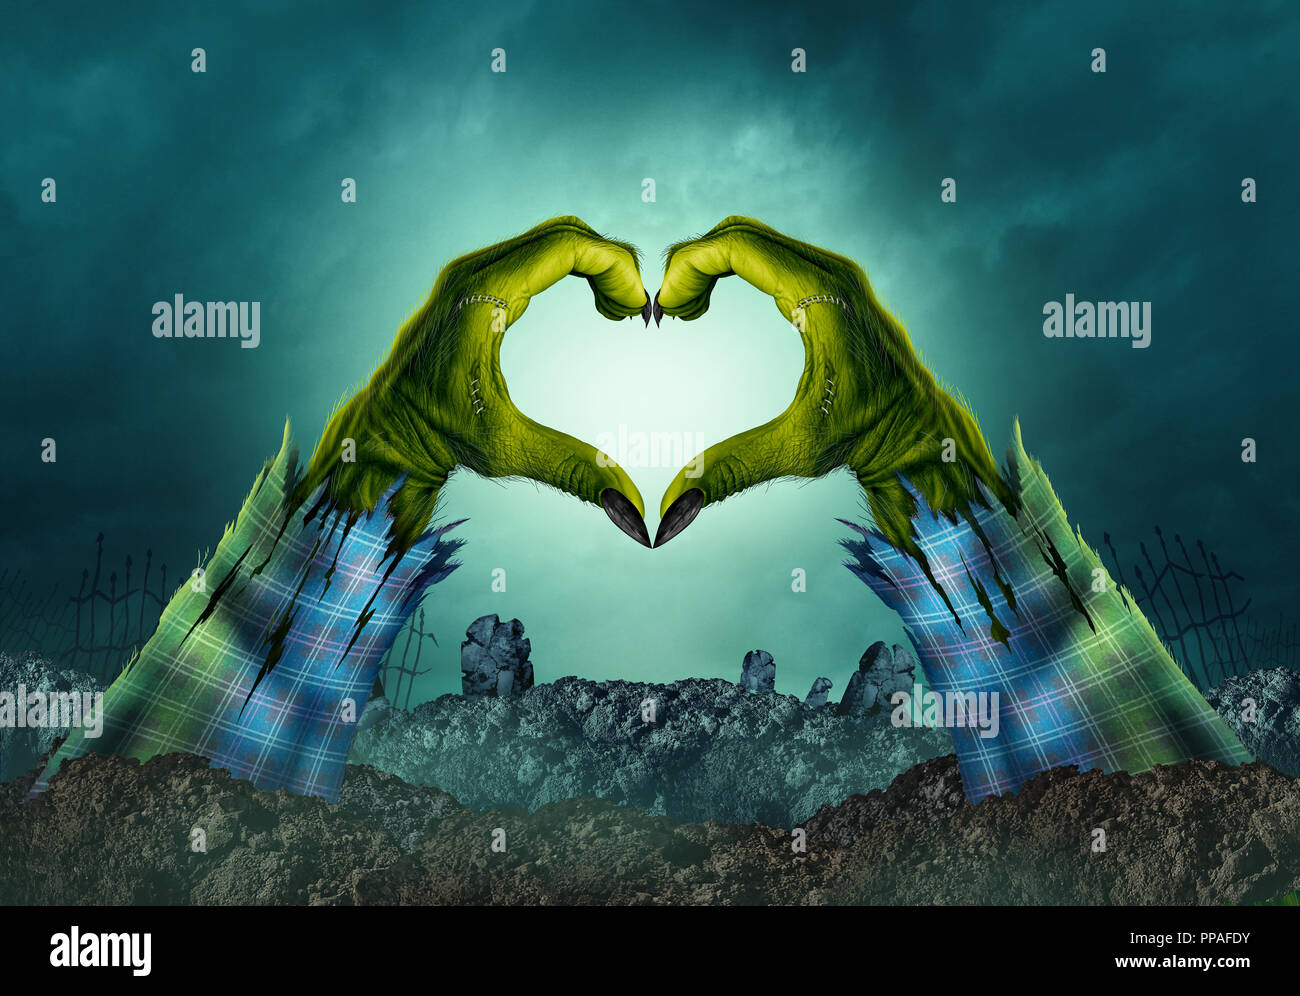 Zombie monster mano sullo sfondo di cuore in una notte creepy cimitero come halloween bracci verde emergente da un cimitero tomba. Immagini Stock